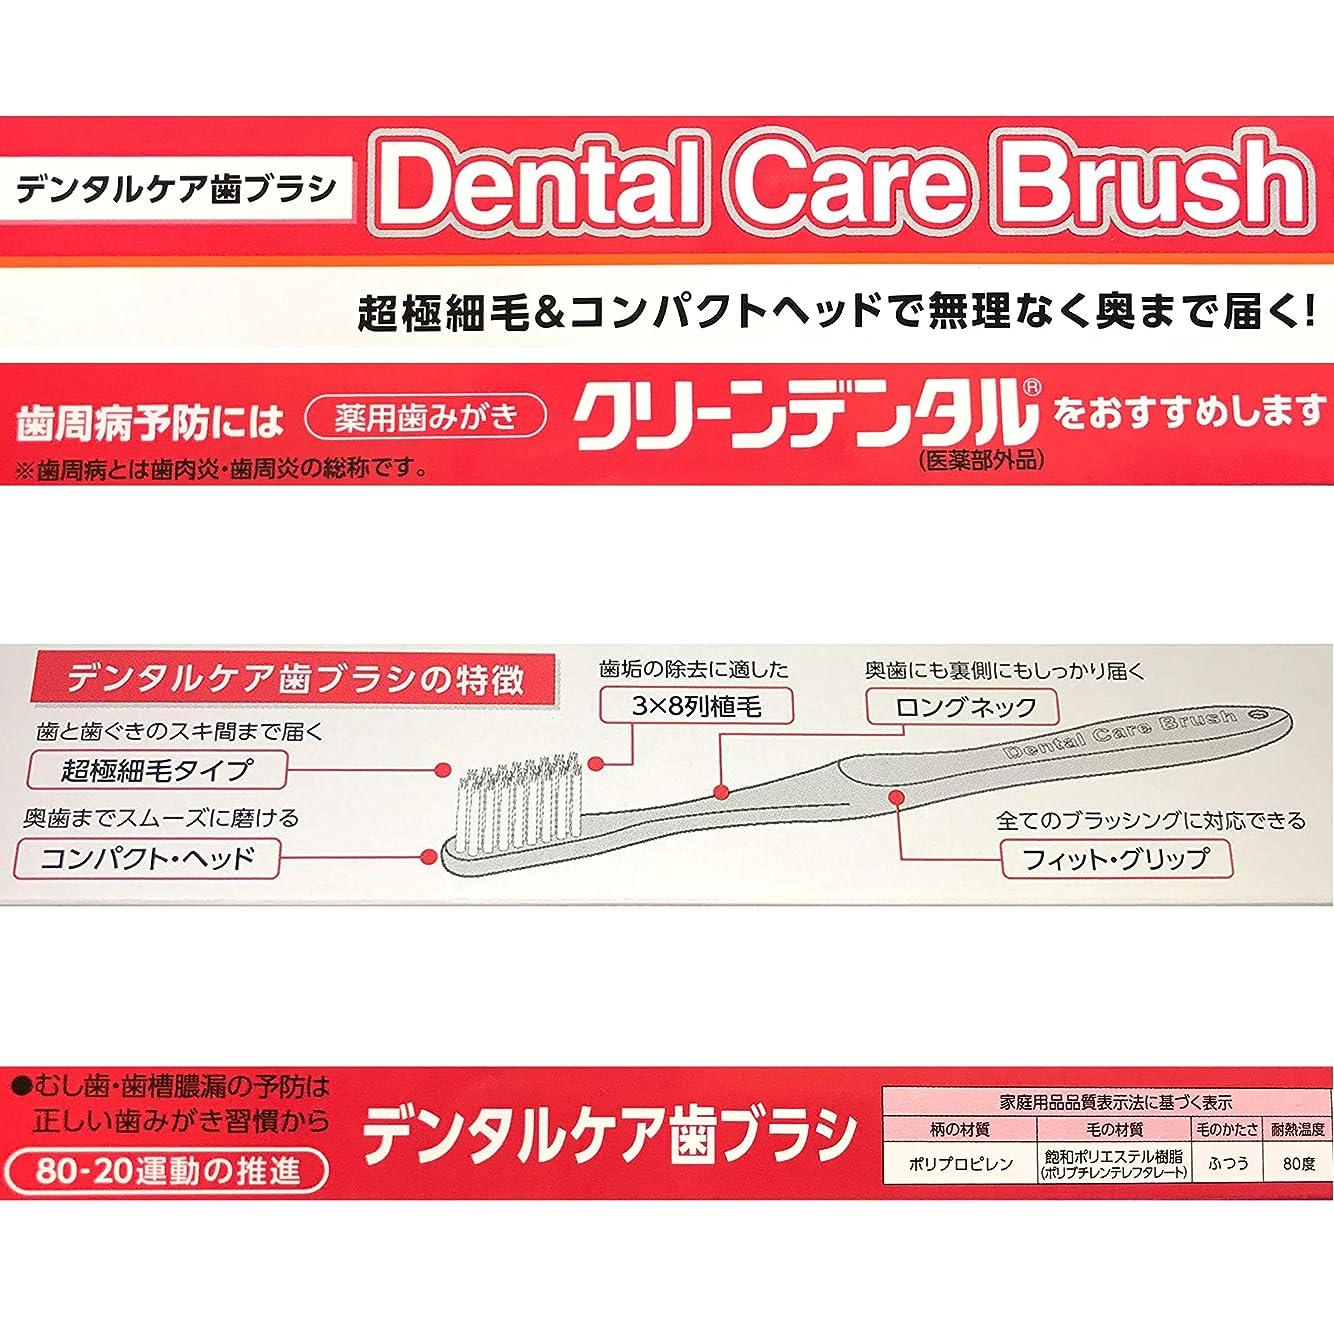 チョーク主流プロット【数量限定】超極細毛&コンパクトヘッド デンタルケア歯ブラシ (3本)